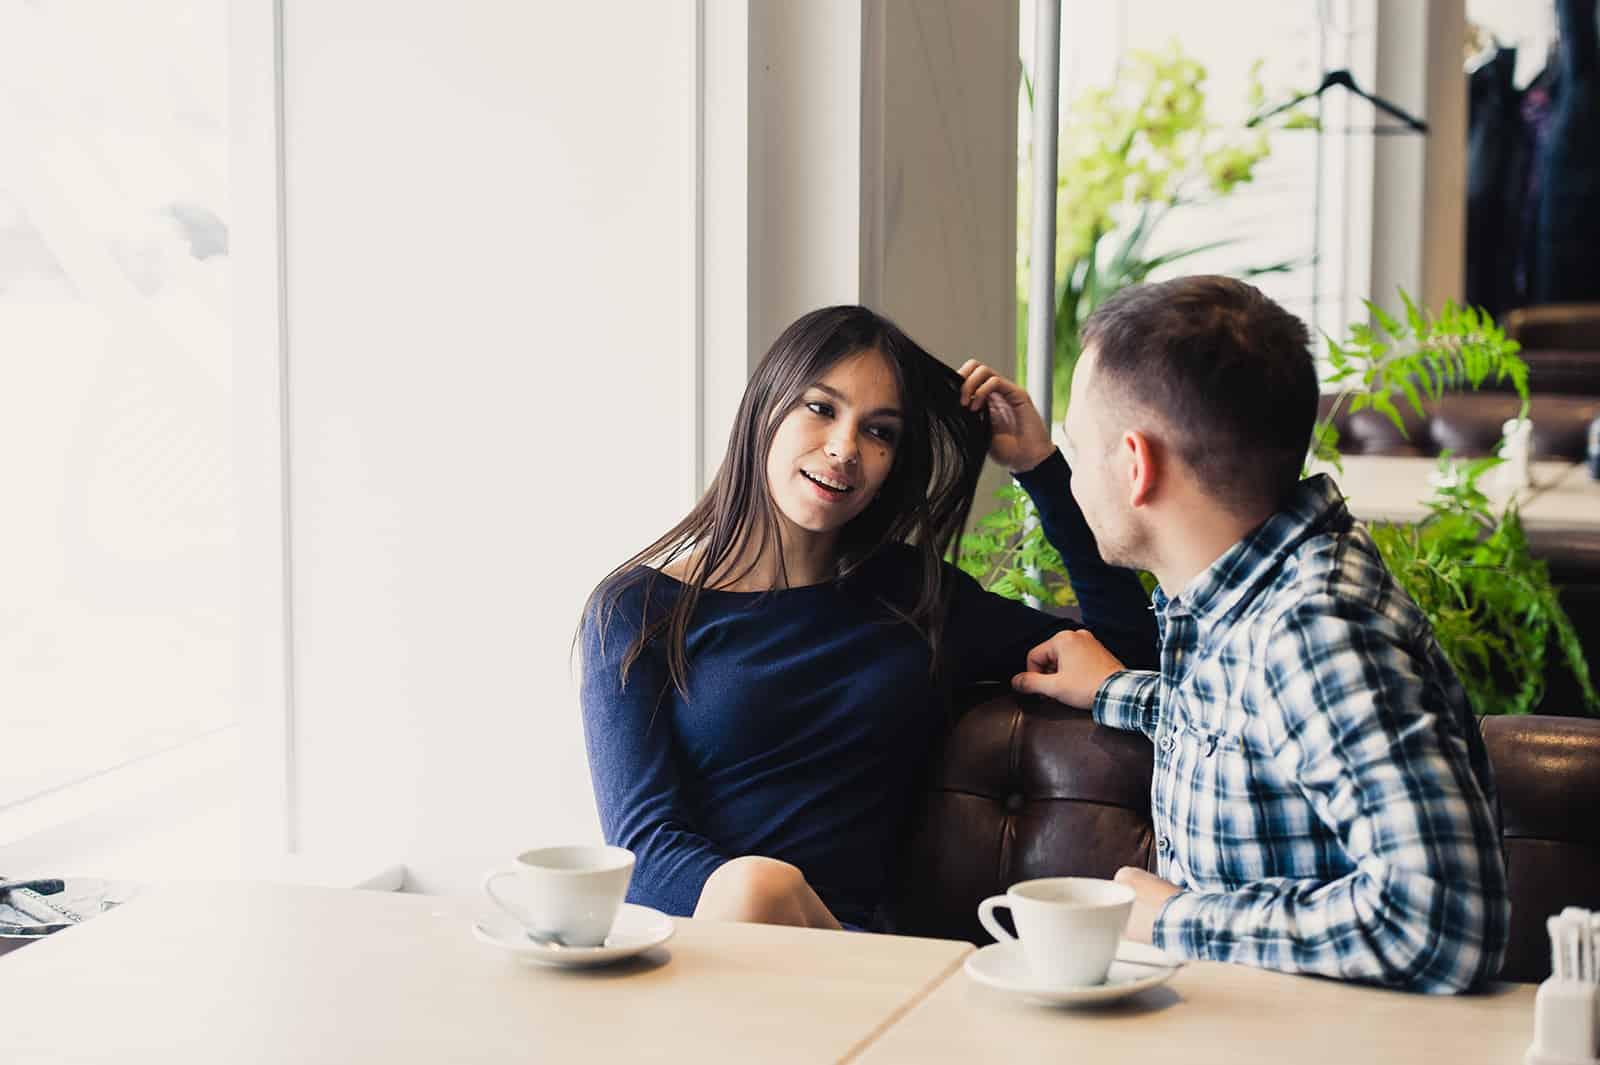 un homme et une femme assis dans le café à parler et flirter